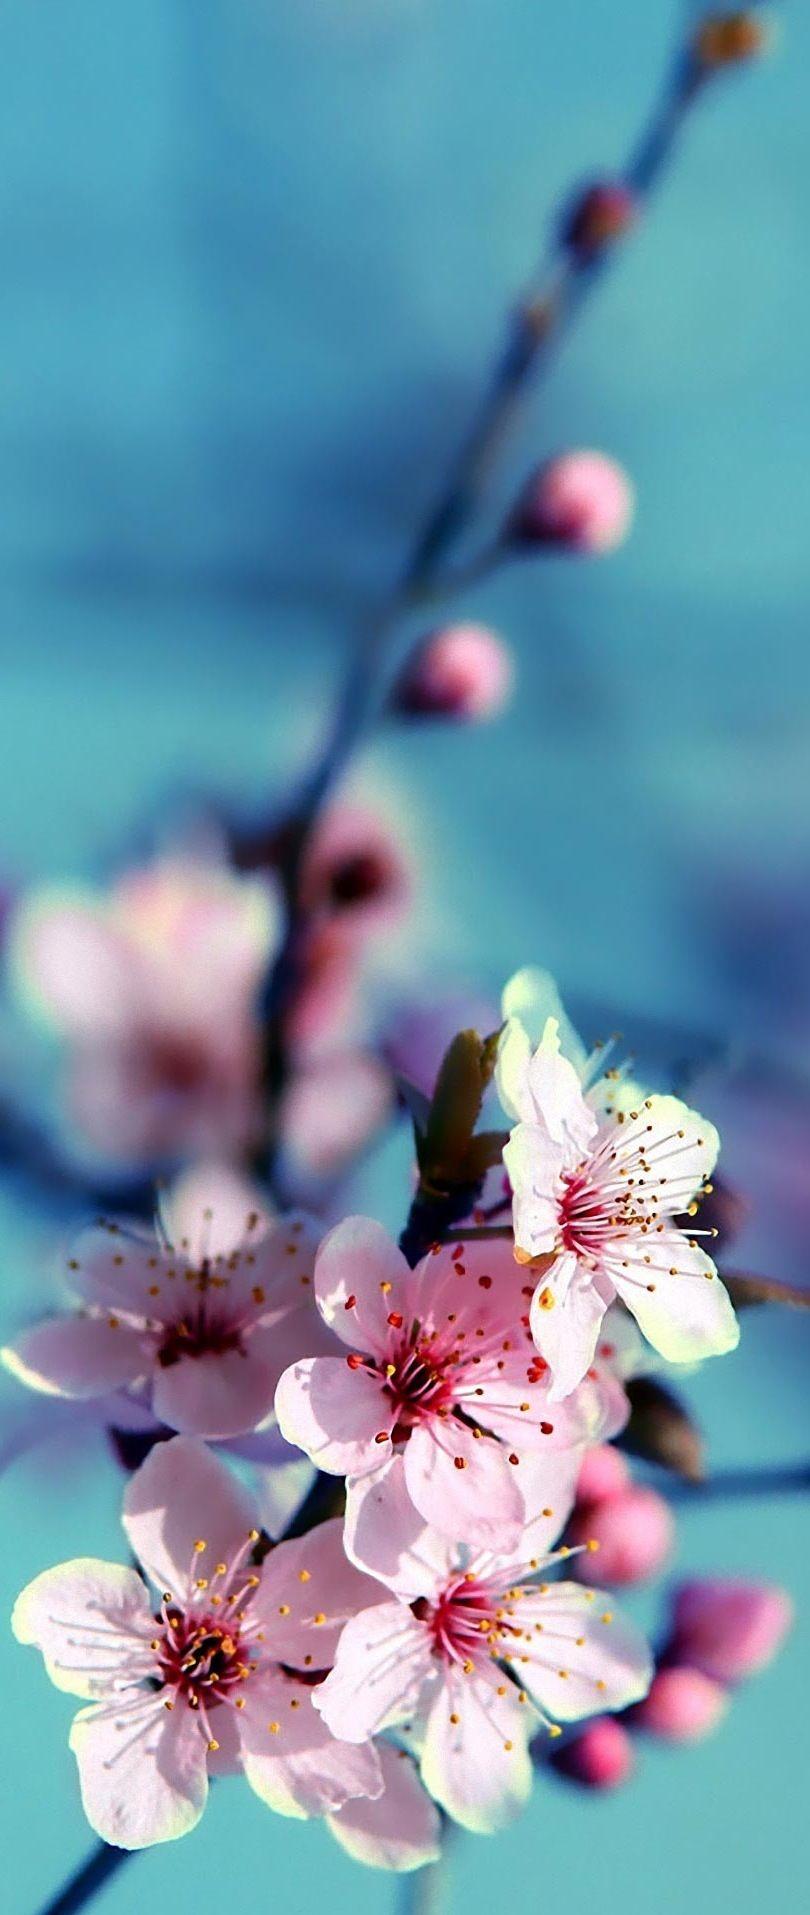 Japanese Cherry Blossom Cherry Blossom Festival Pretty Flowers Japanese Cherry Blossom